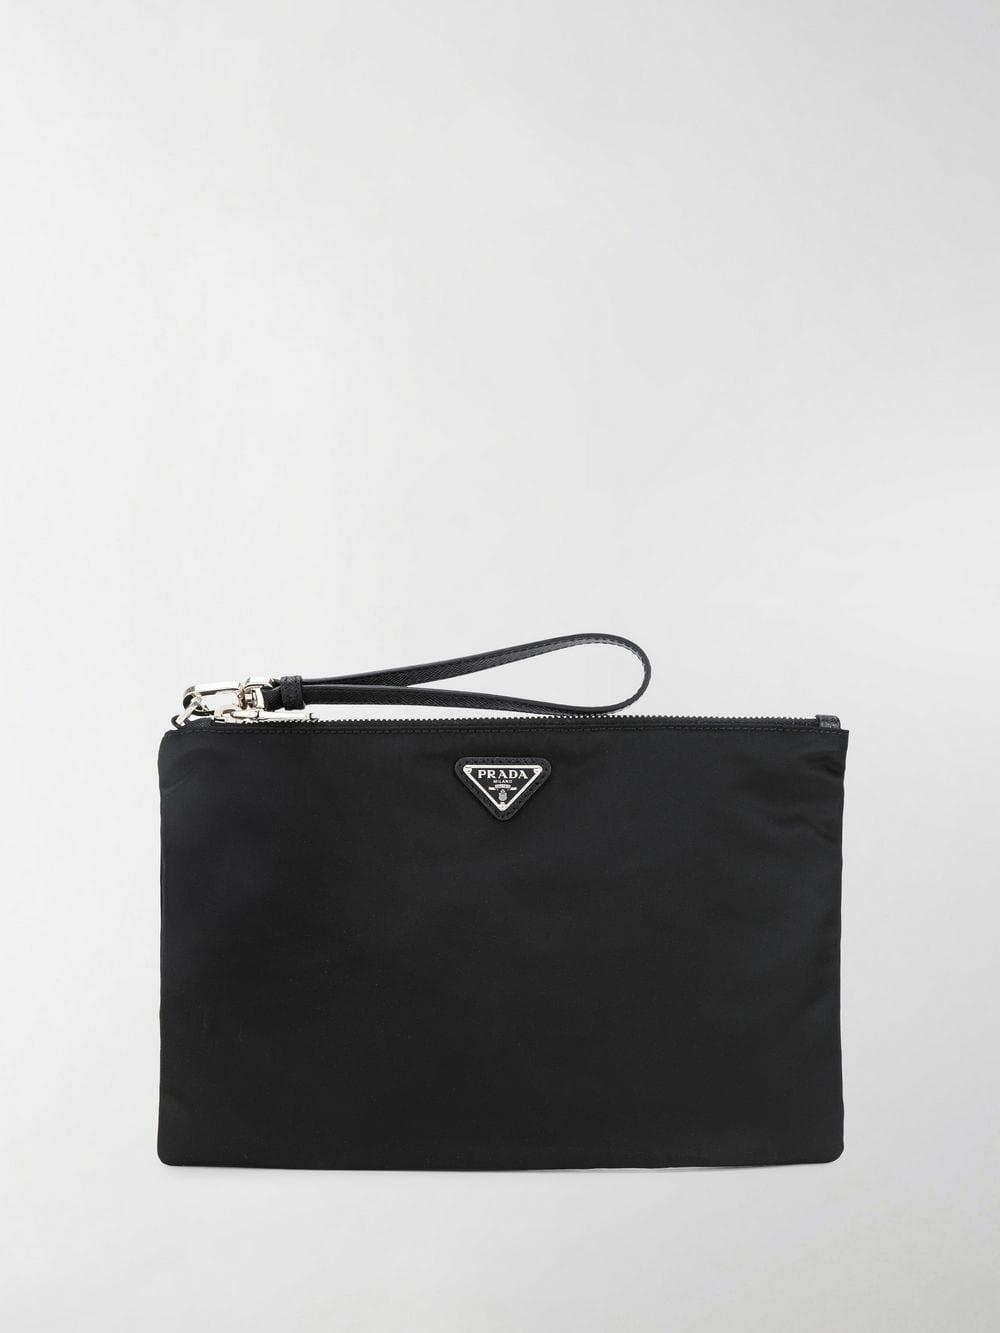 c3e3f529f651 Lyst - Prada Vela Clutch Bag in Black for Men